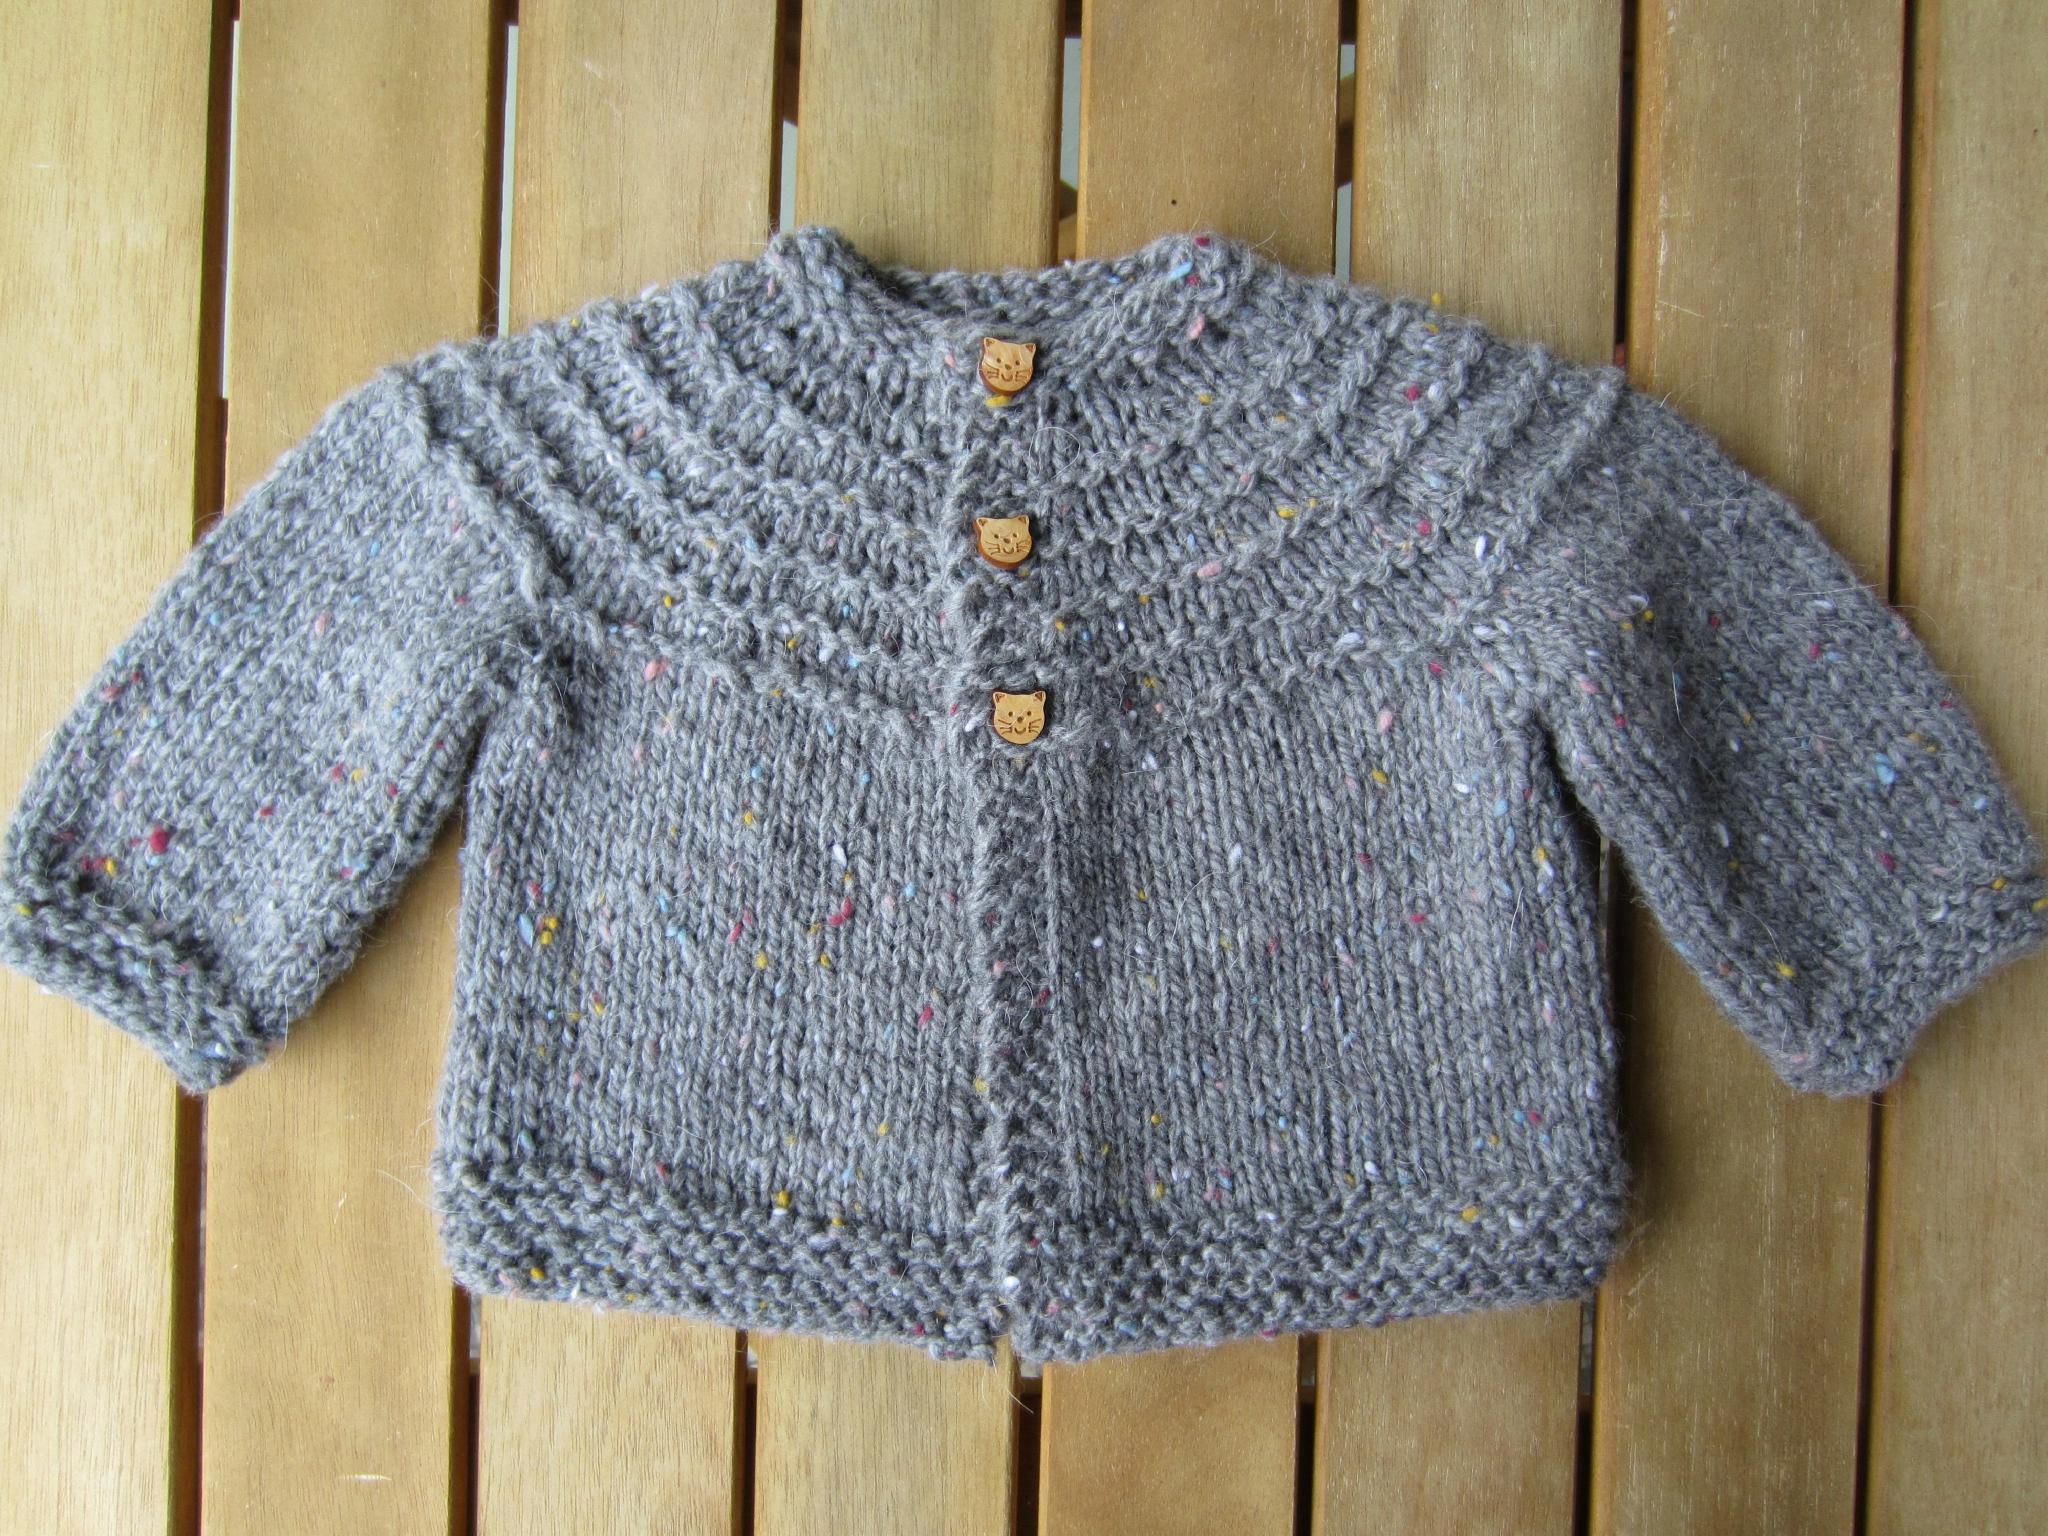 modele de tricot pour bebe de 3 mois